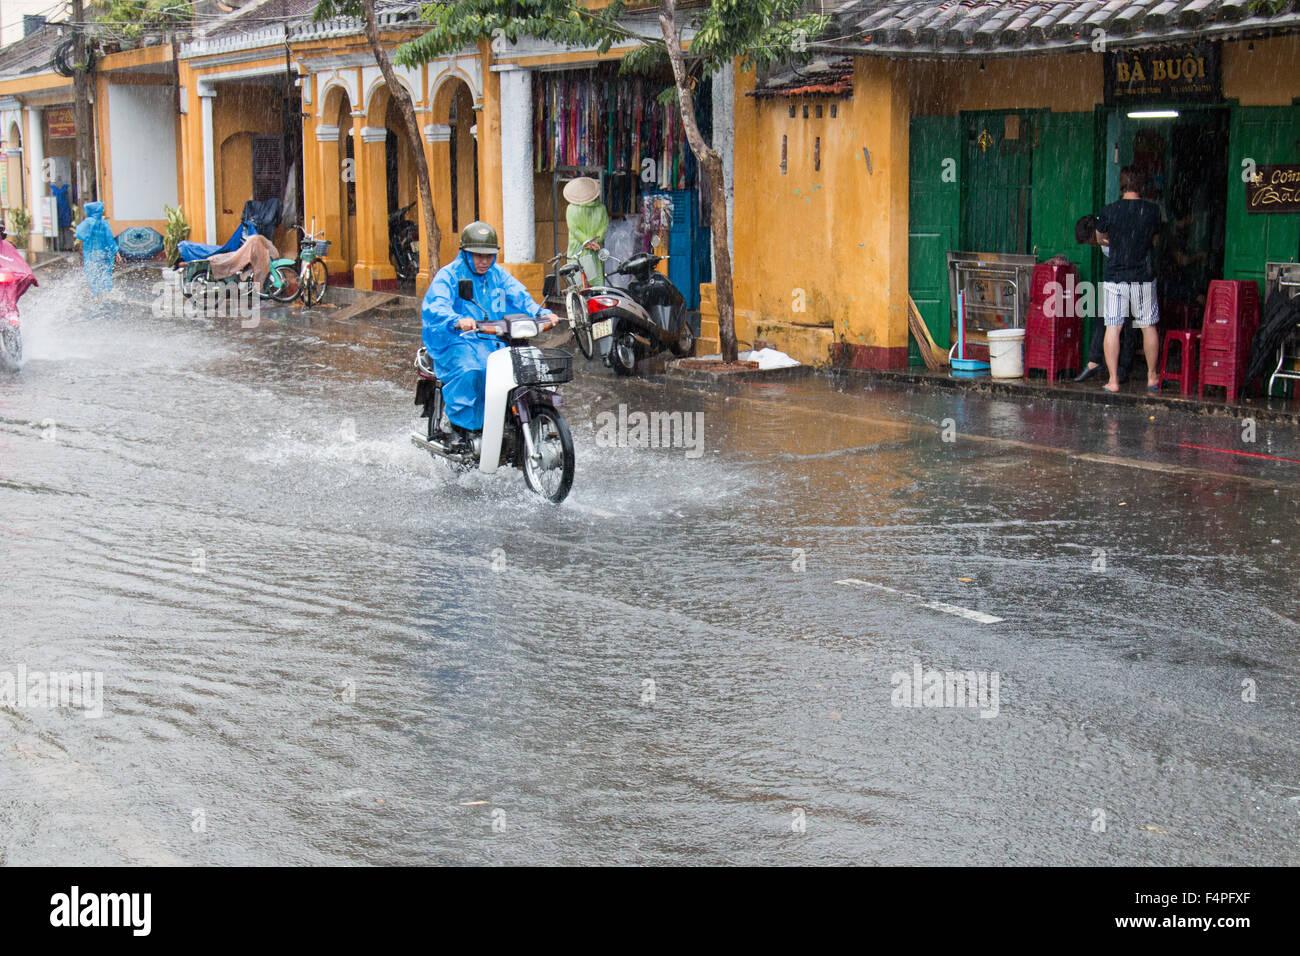 Antica città di Hoi An Vietnam, biker su scooter motociclo attraverso strade allagate durante temporali,Vietnam Immagini Stock